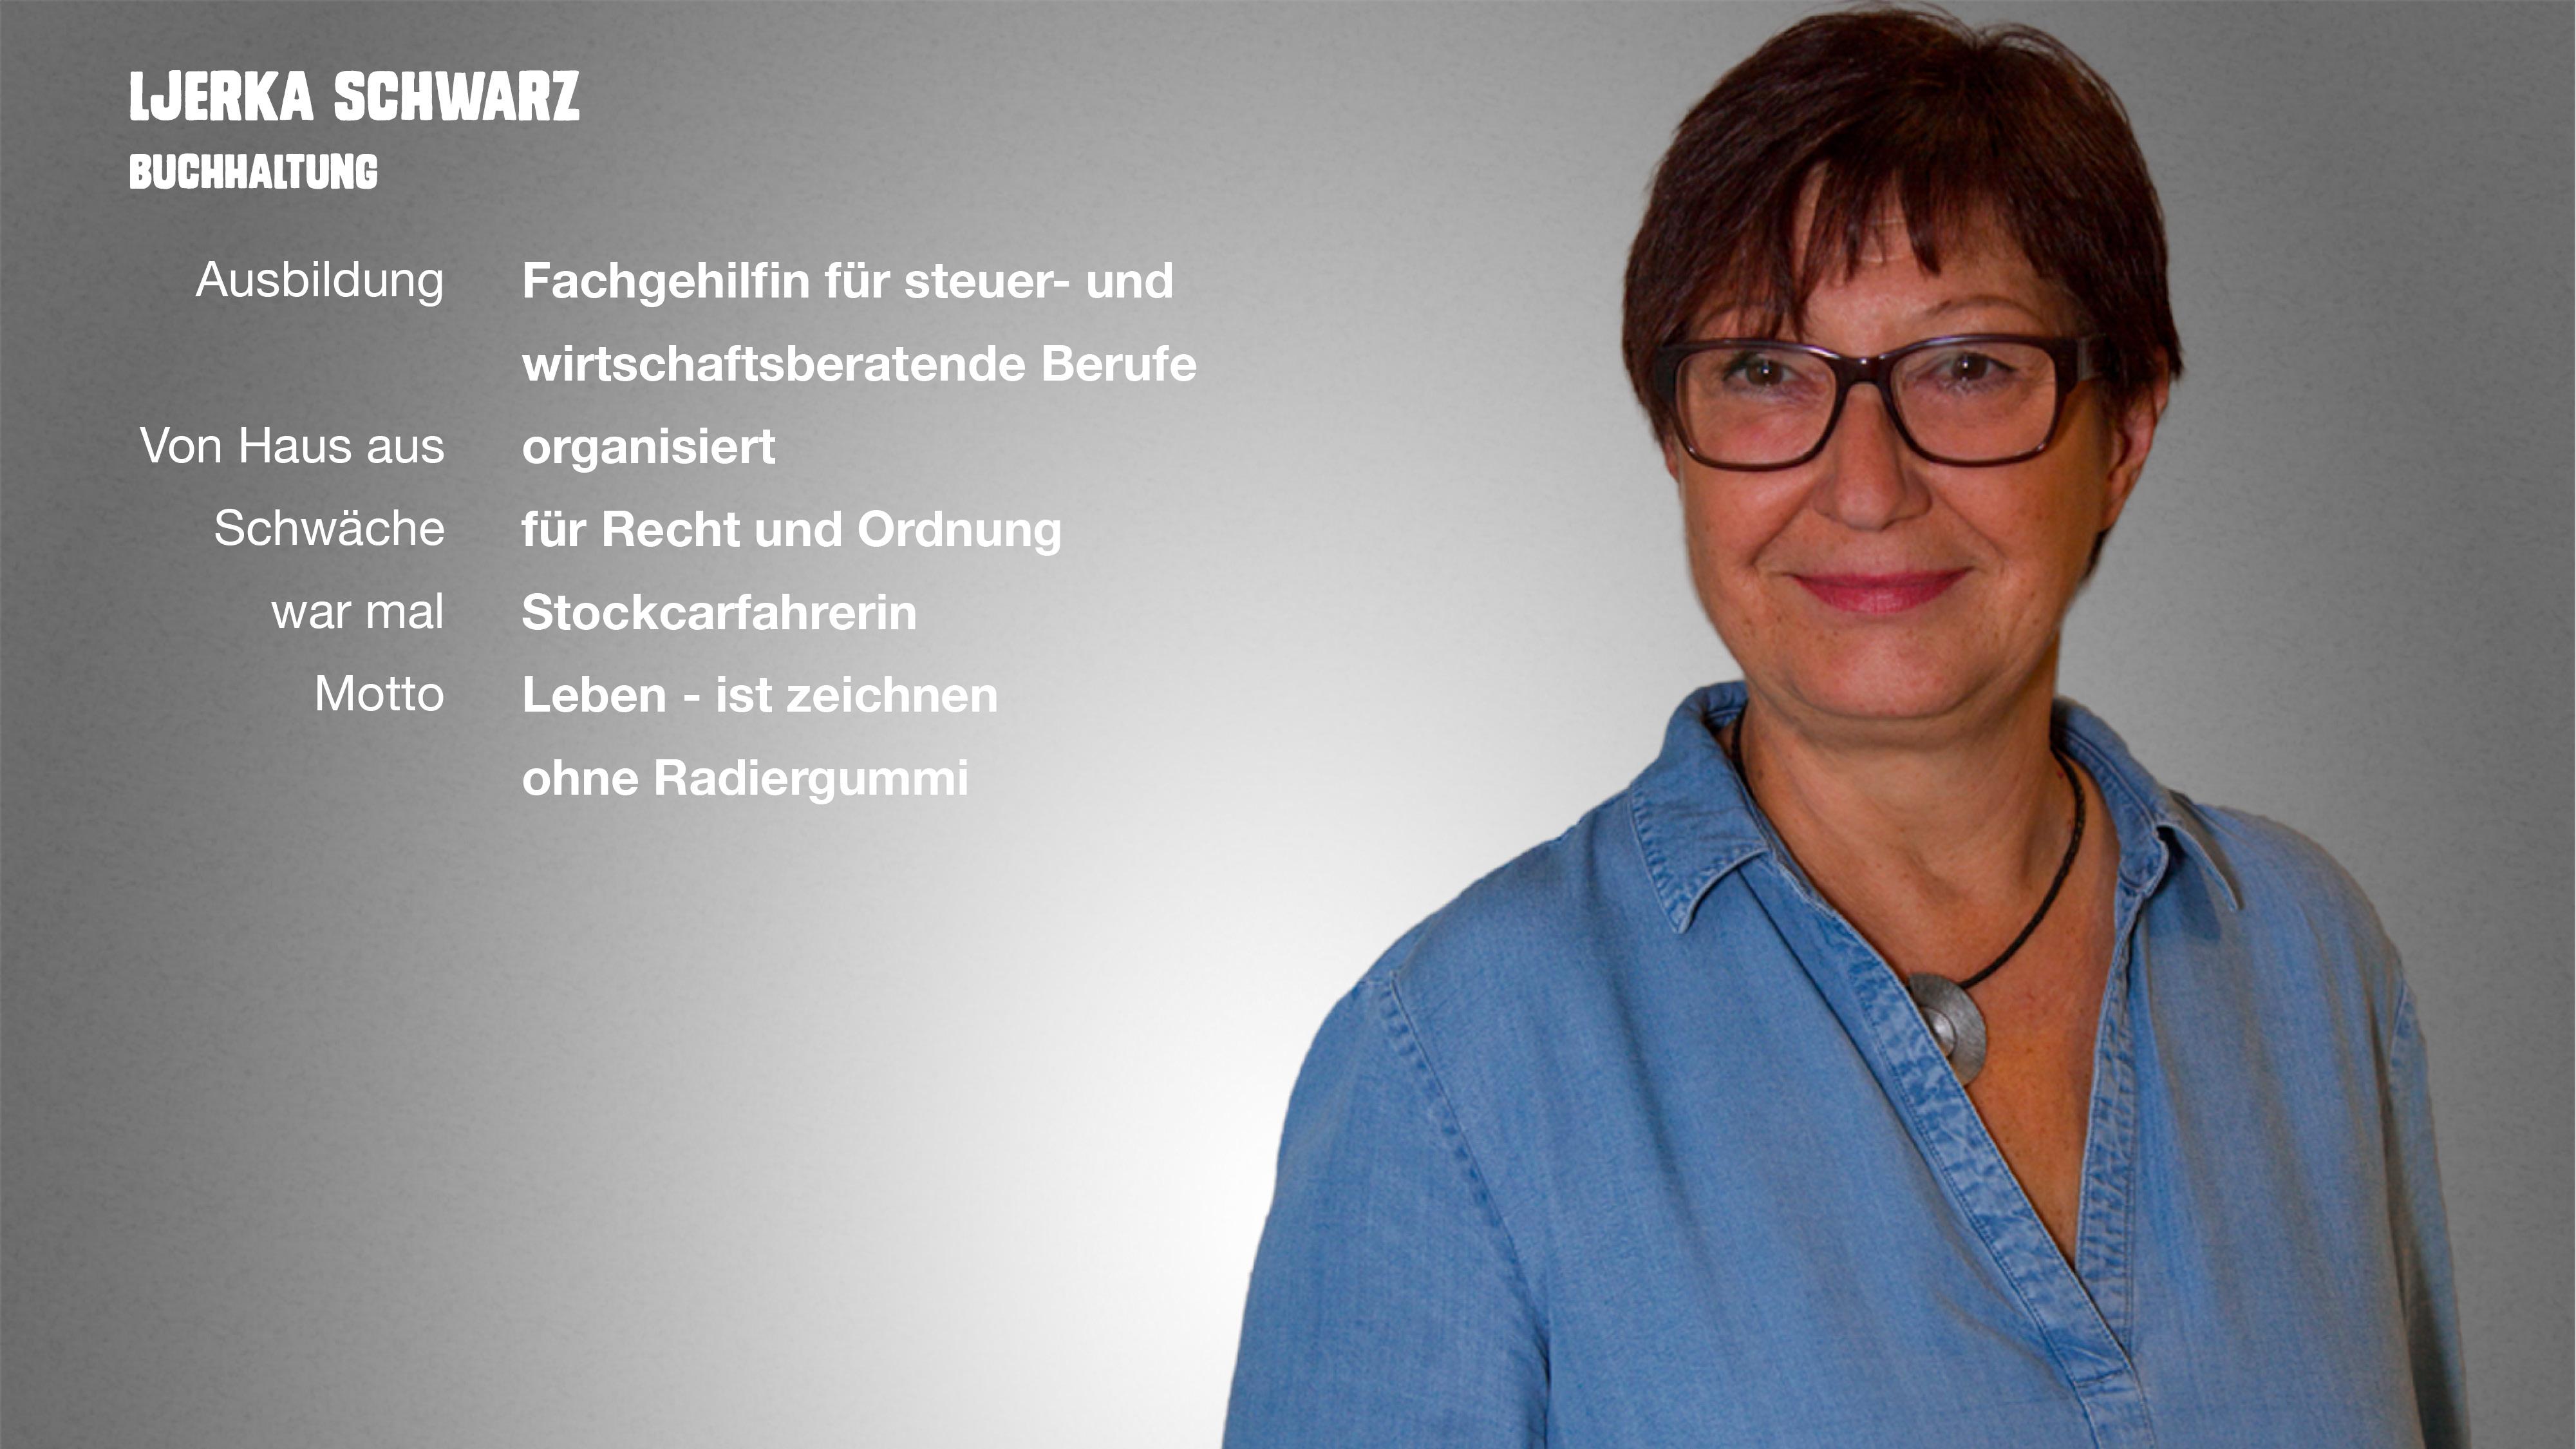 JF-Messekonzept-Homepageportraits-LjerkaSchwarz